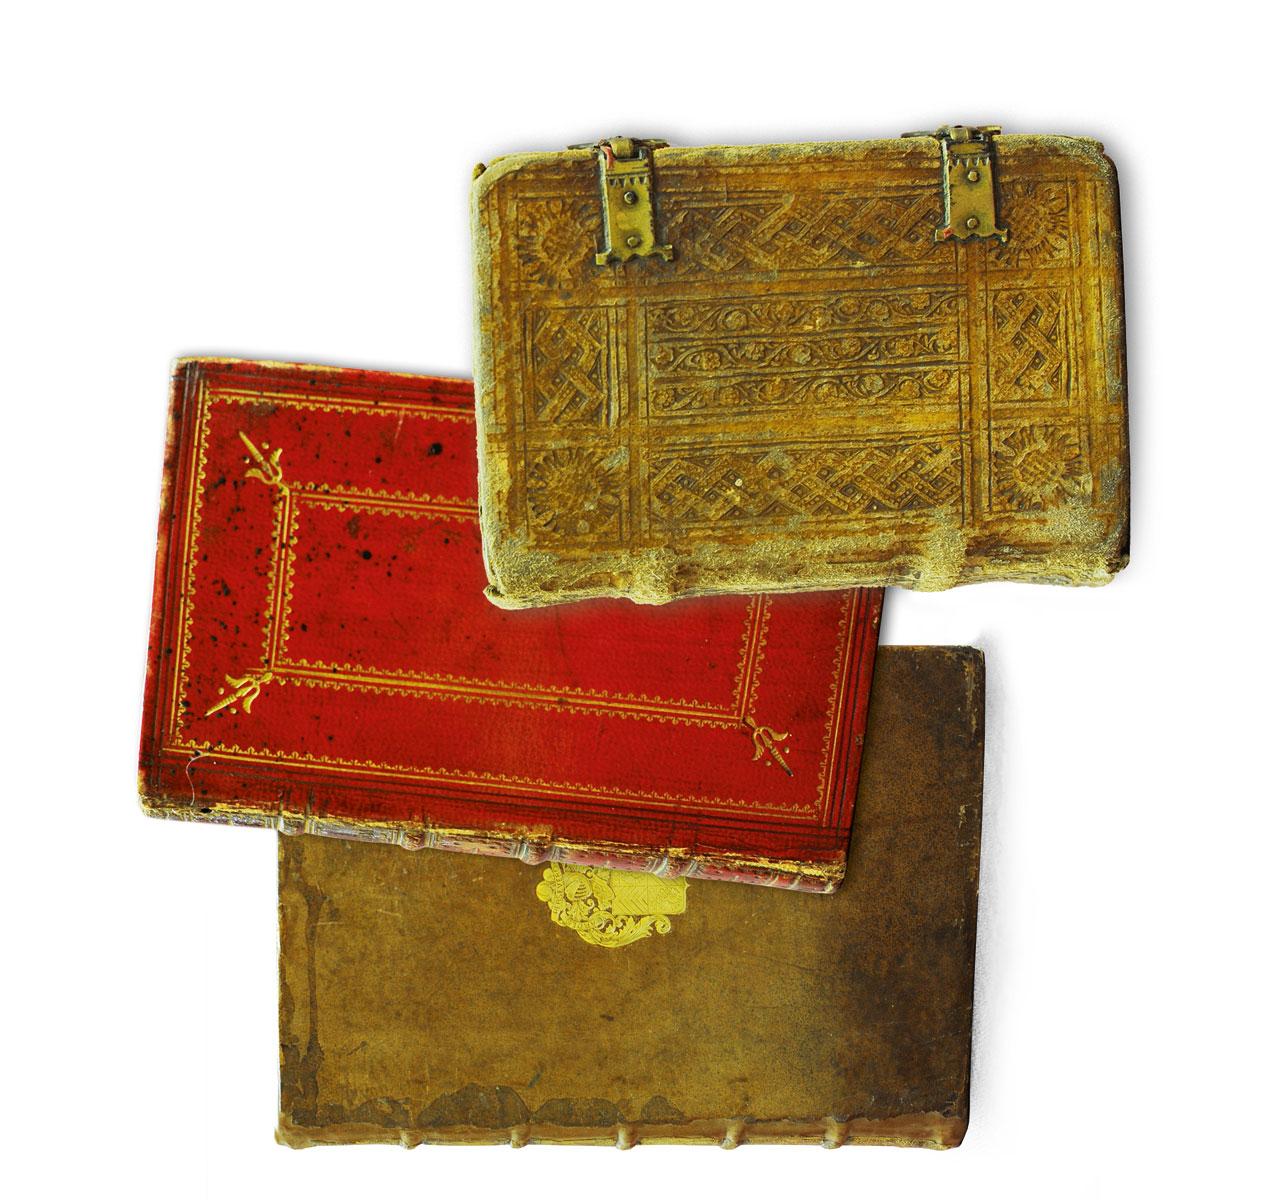 Bibel-Sammlung Walter Remy; Bibelmuseum der Westfälischen Wilhelms-Universität Münster